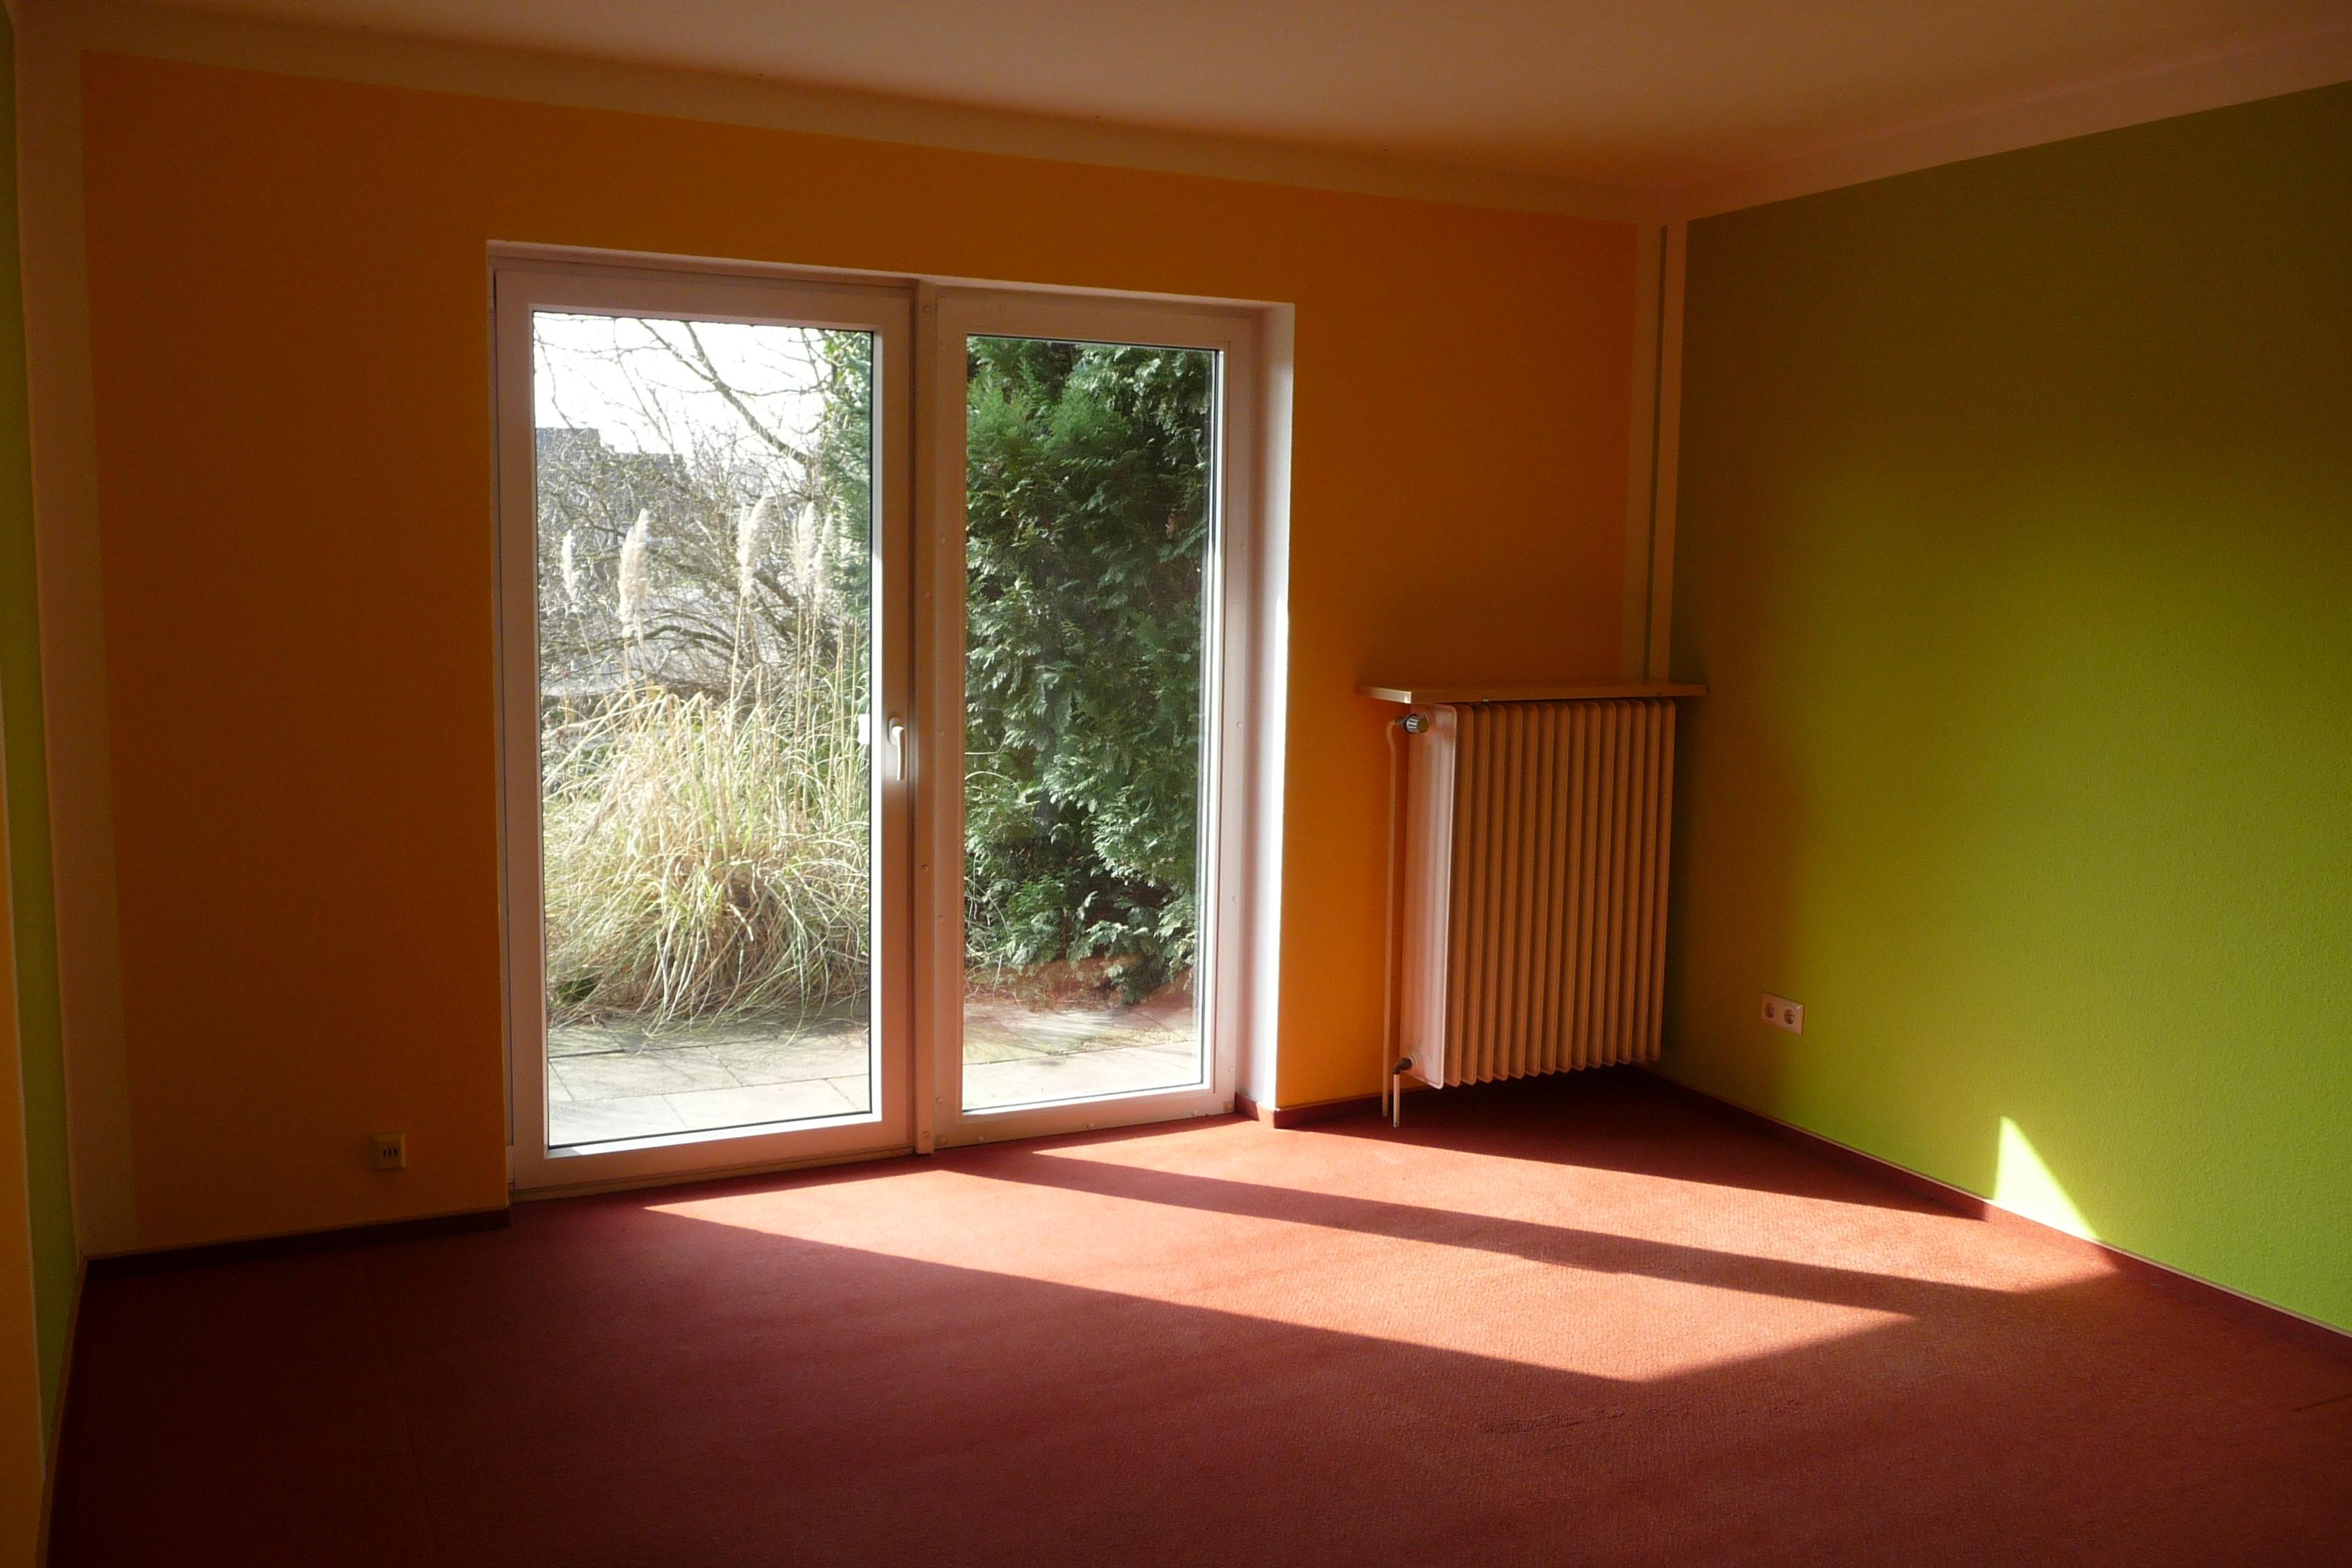 Haus Kaufen In Hude Cool Hude Kaufen Wohnung M Zimmer